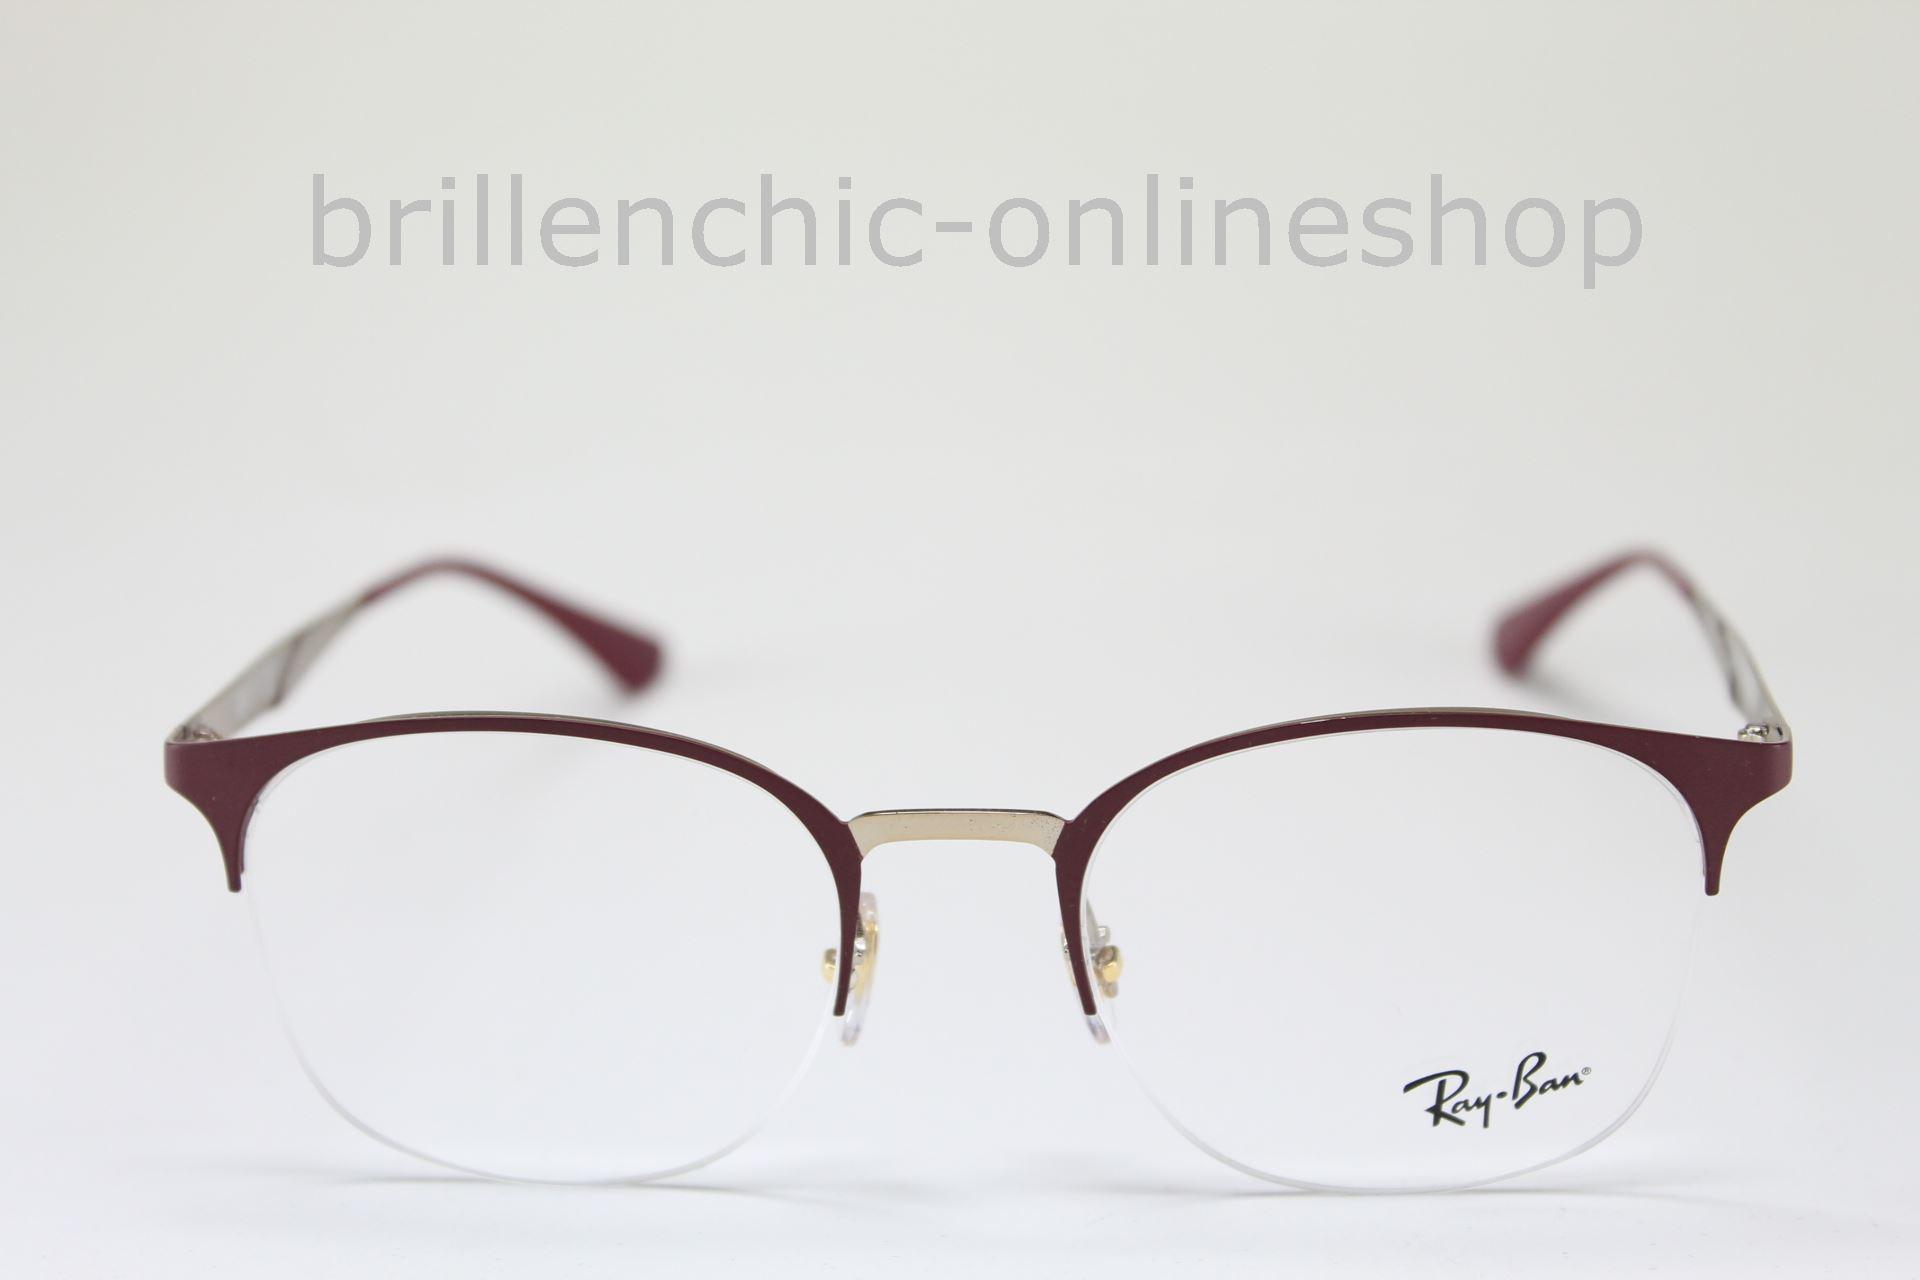 5ced73a96c Brillenchic - onlineshop Berlin Ihr starker Partner für exklusive Brillen  online kaufen Ray Ban RB 6422 3007 exklusiv im Brillenchic-Onlineshop